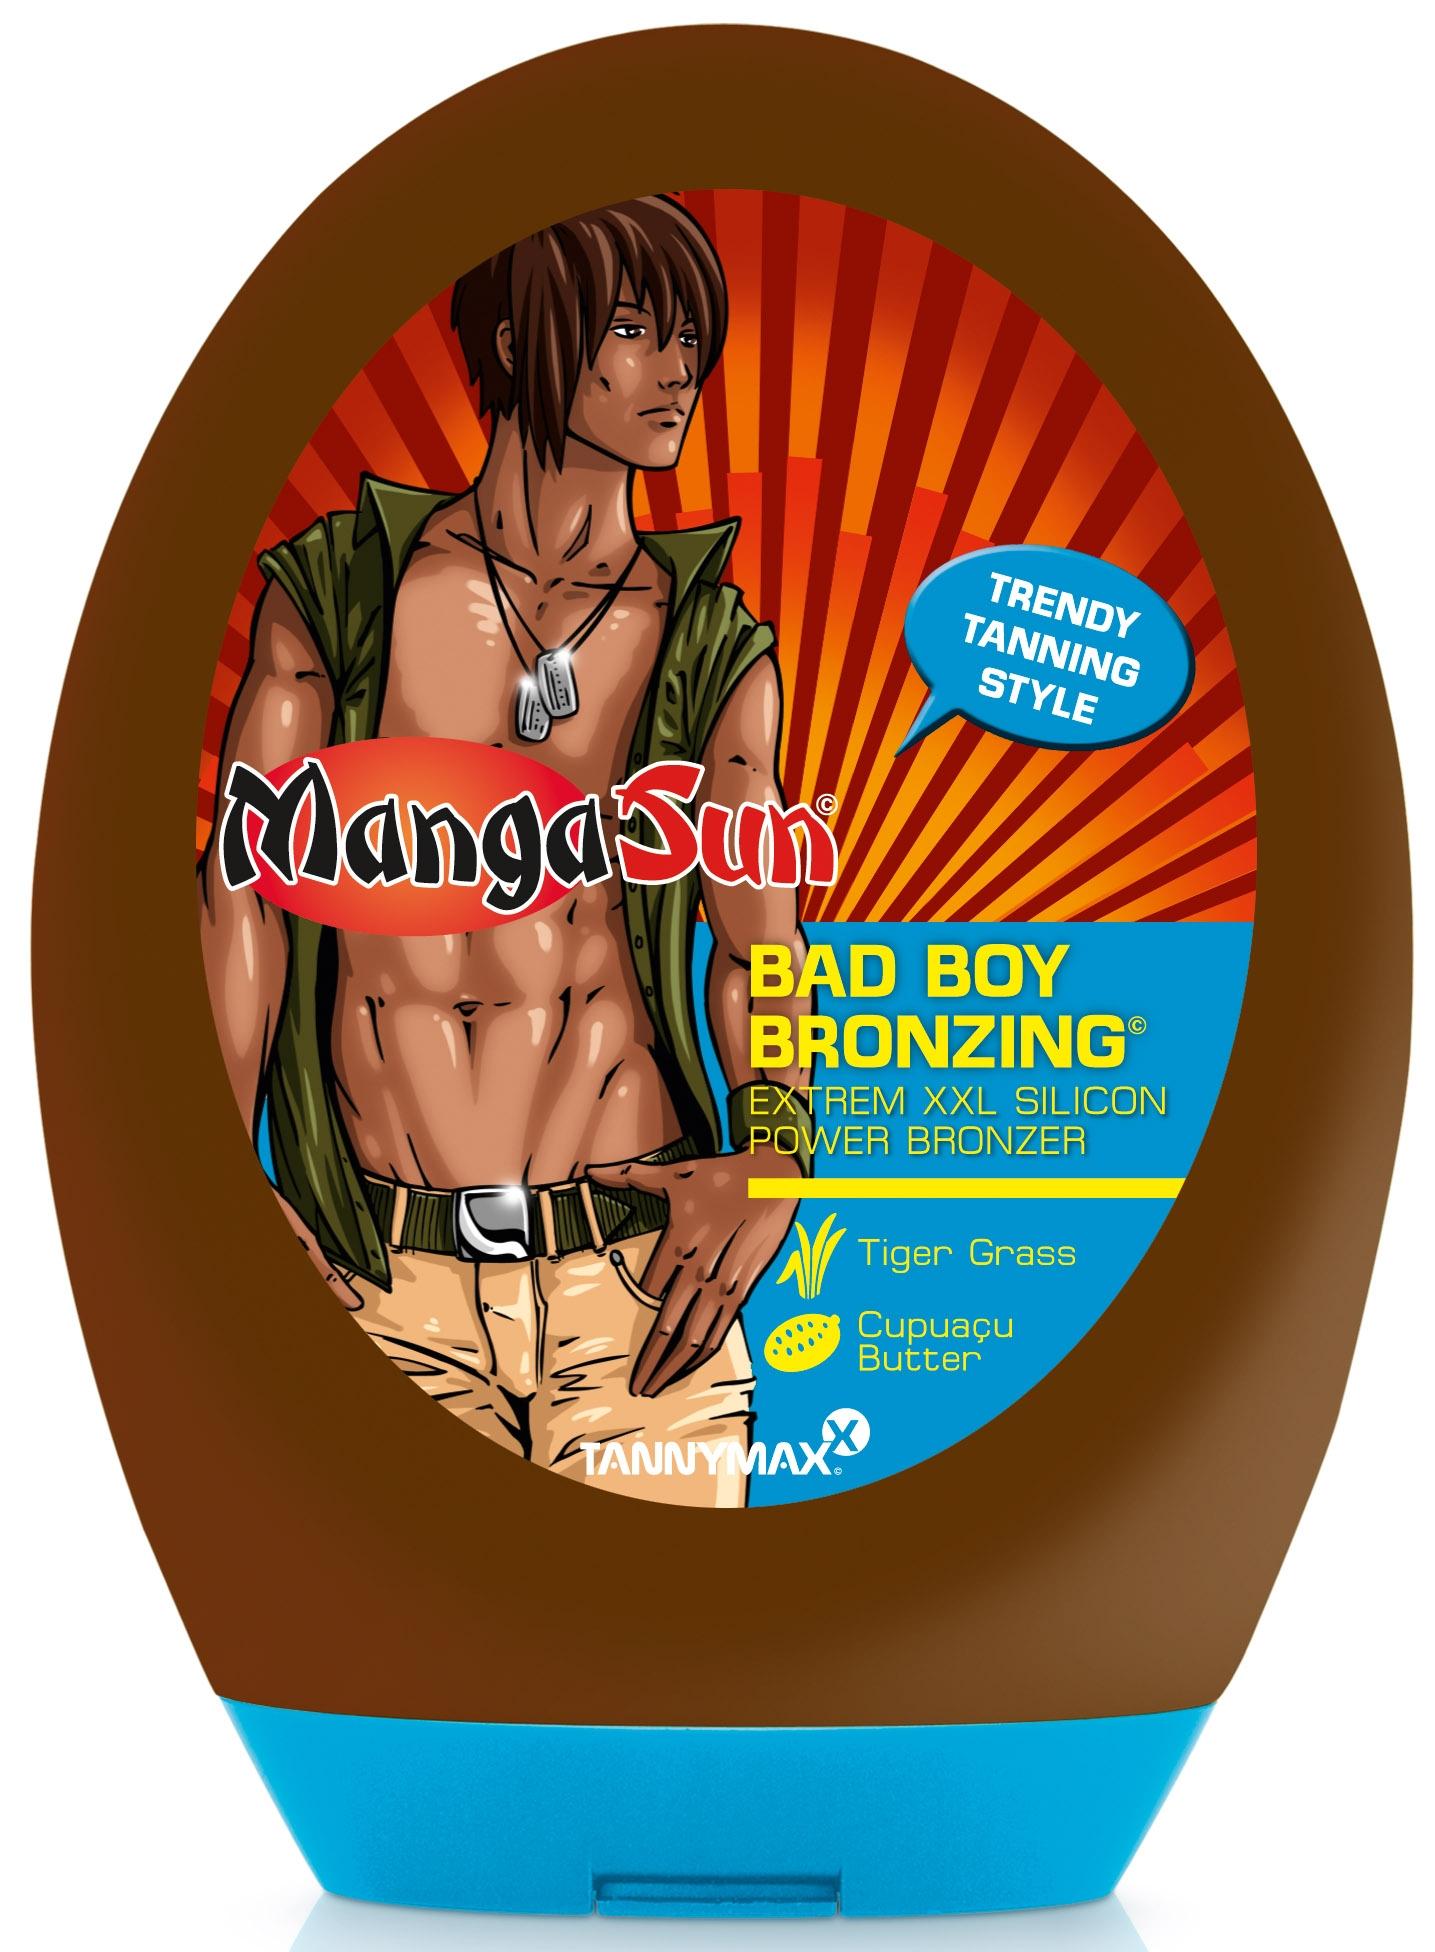 TANNYMAXX Лосьон с бронзатором для загара в солярии (для мужчин) / Bombastic Tanpower MANGA SUN 250мл